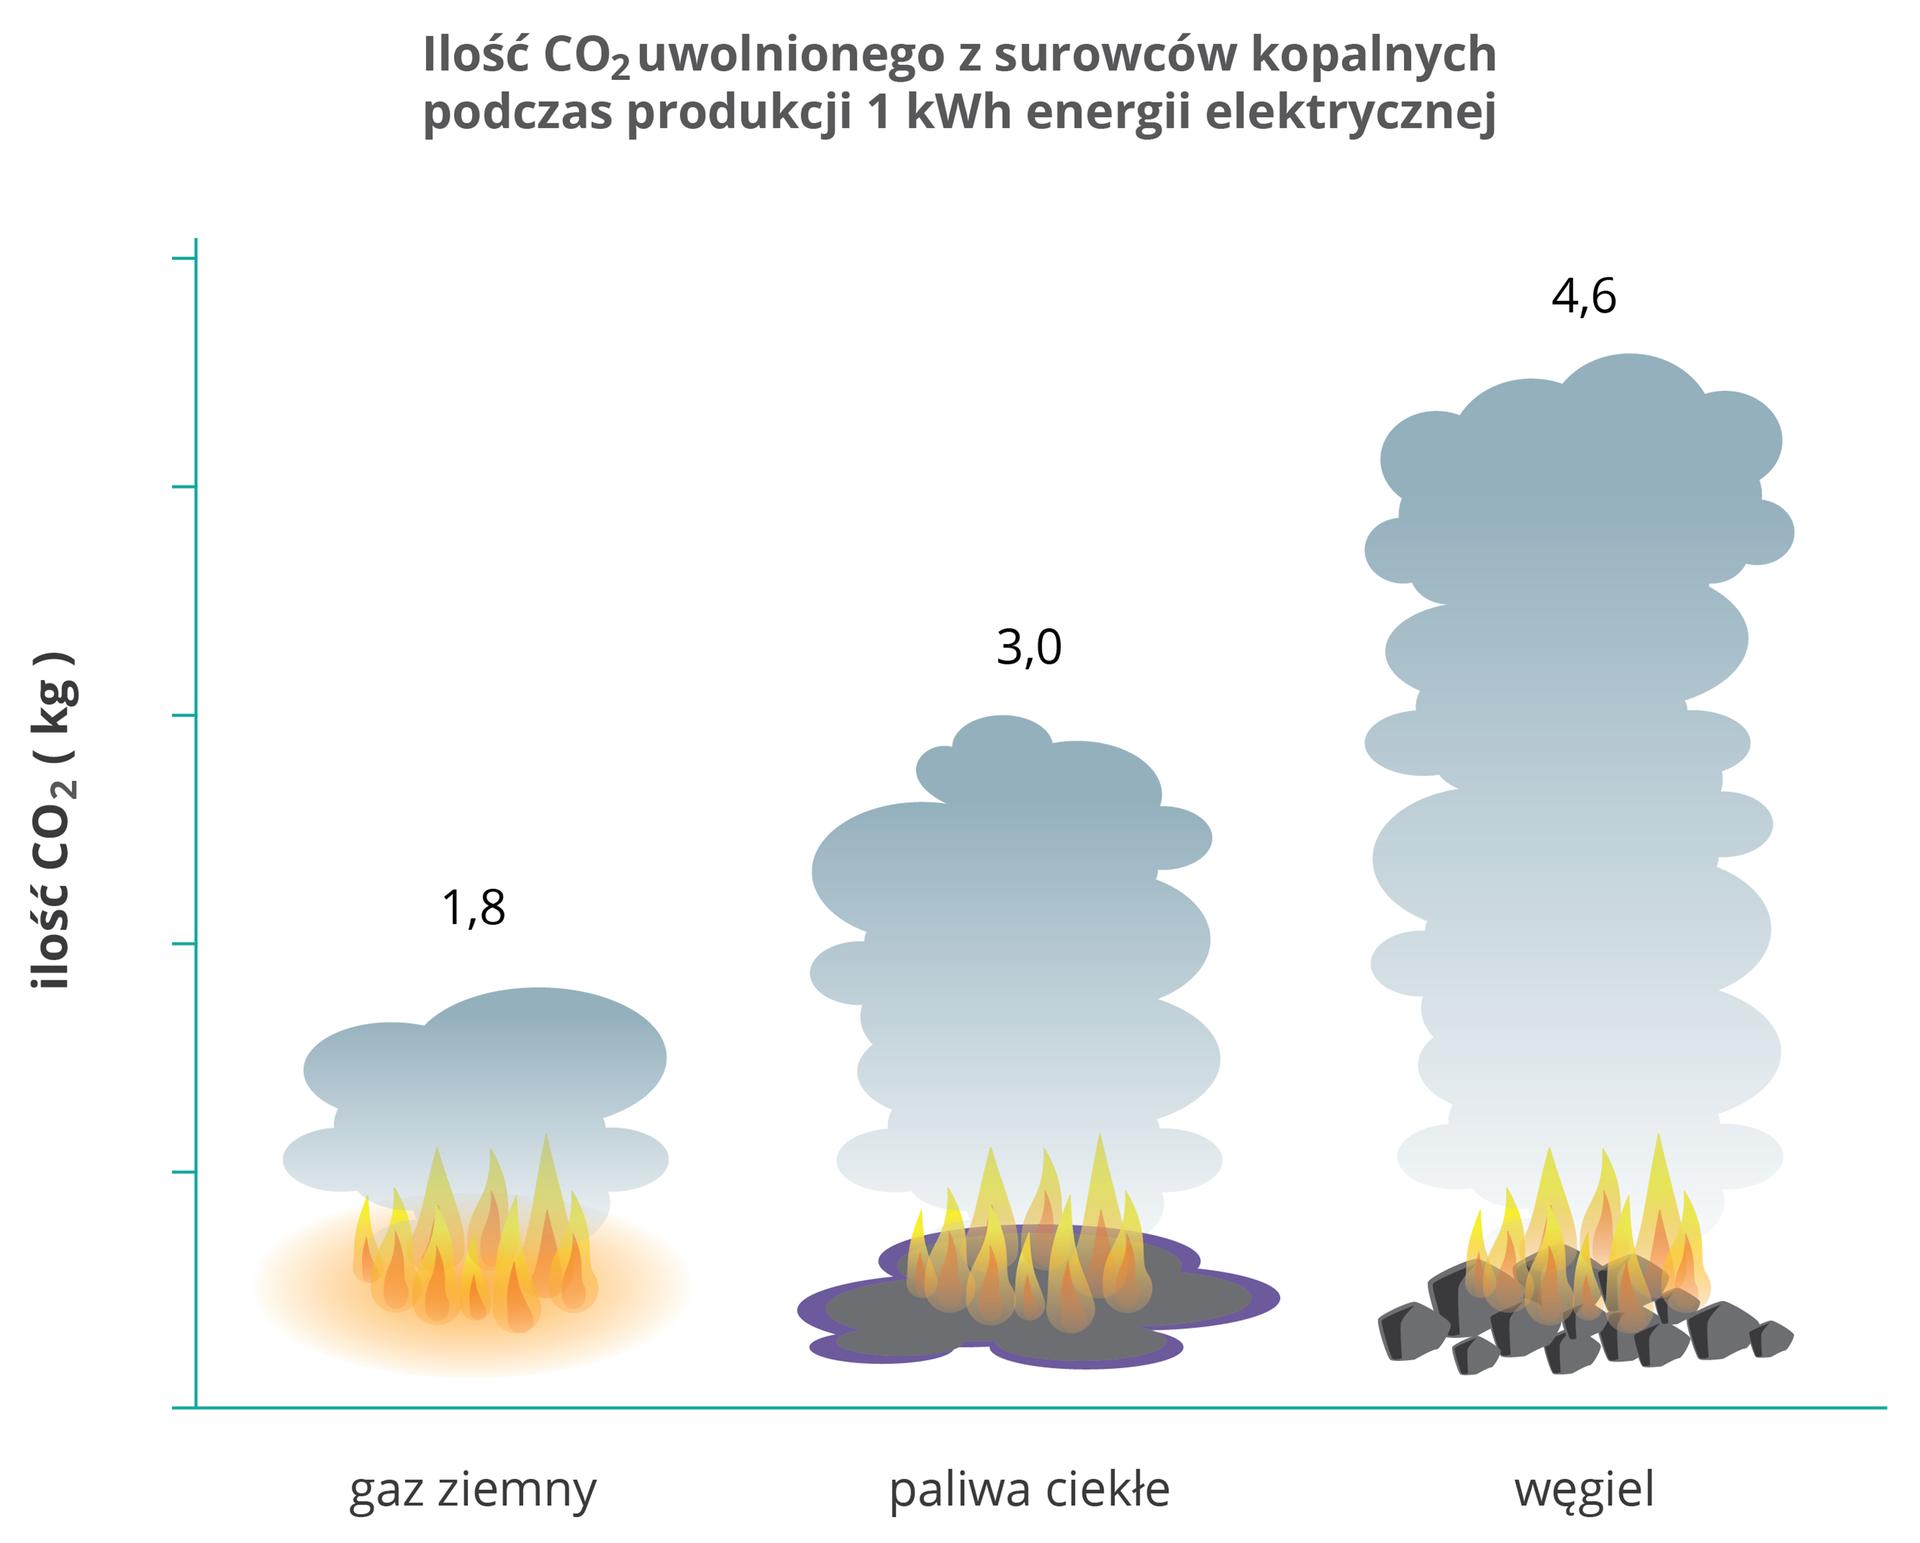 diagram przedstawia ilość paliw potrzebnych do uzyskania 1 kWh energii. Wprzypadku gazu jest to 1,8 kg, paliw ciekłych 3,0 kg, awęgla 4,6 kg.